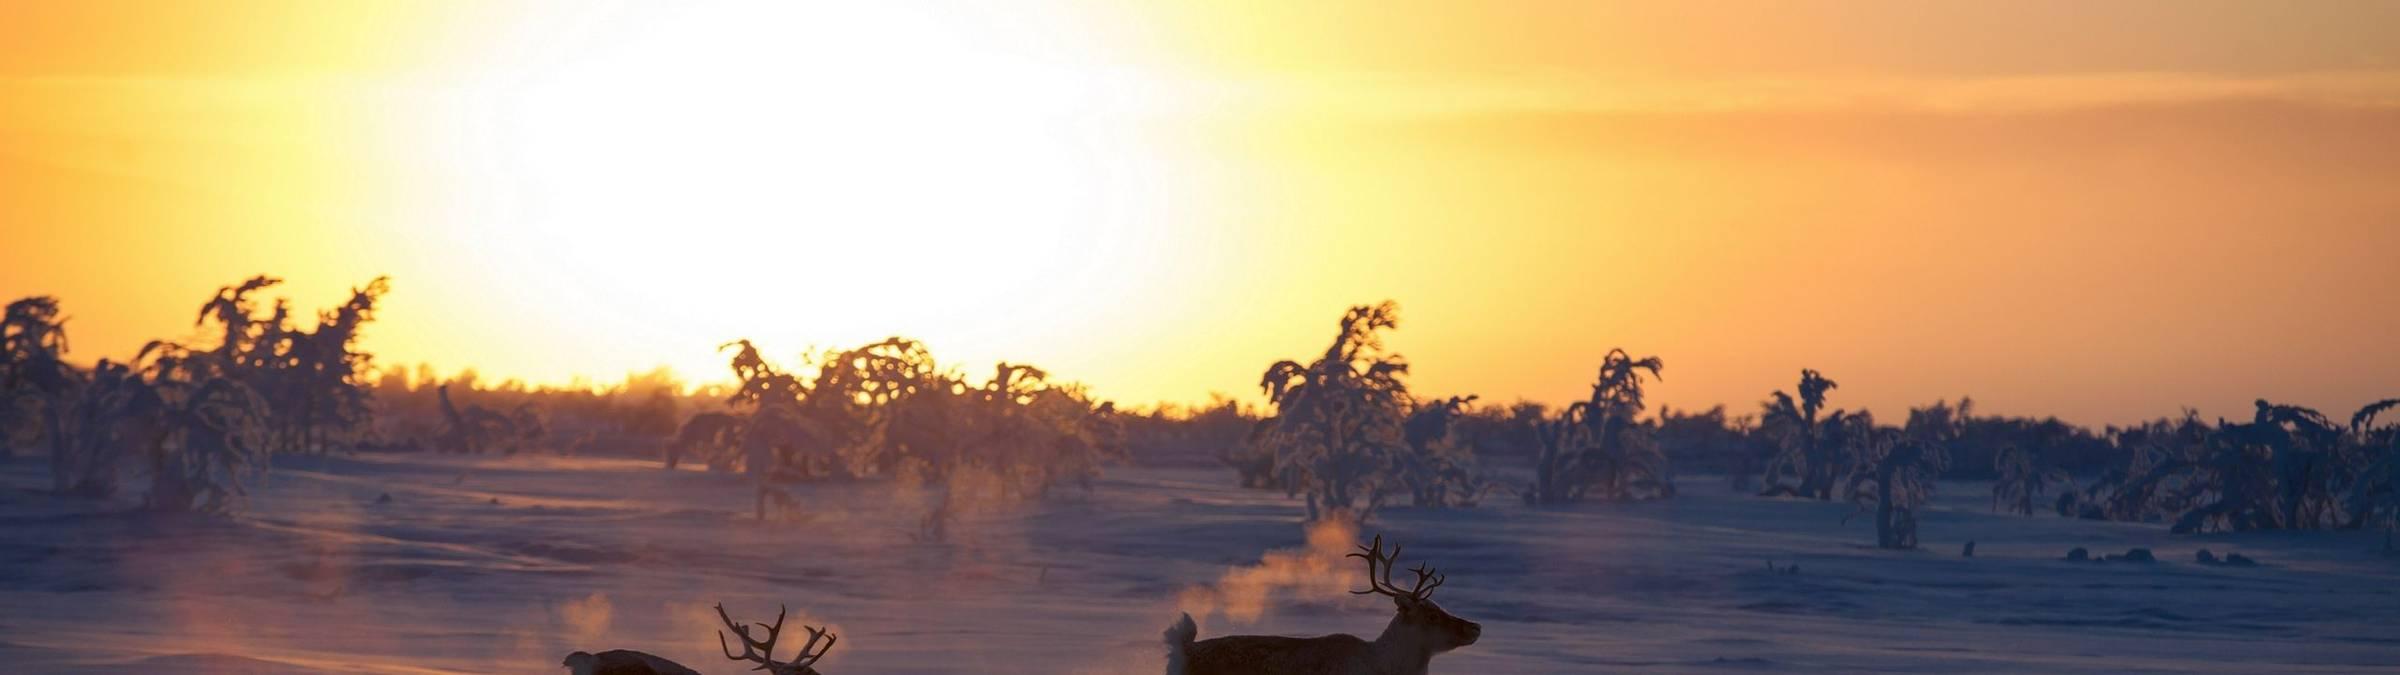 Harriniva Hotels & Safaris Winter 24